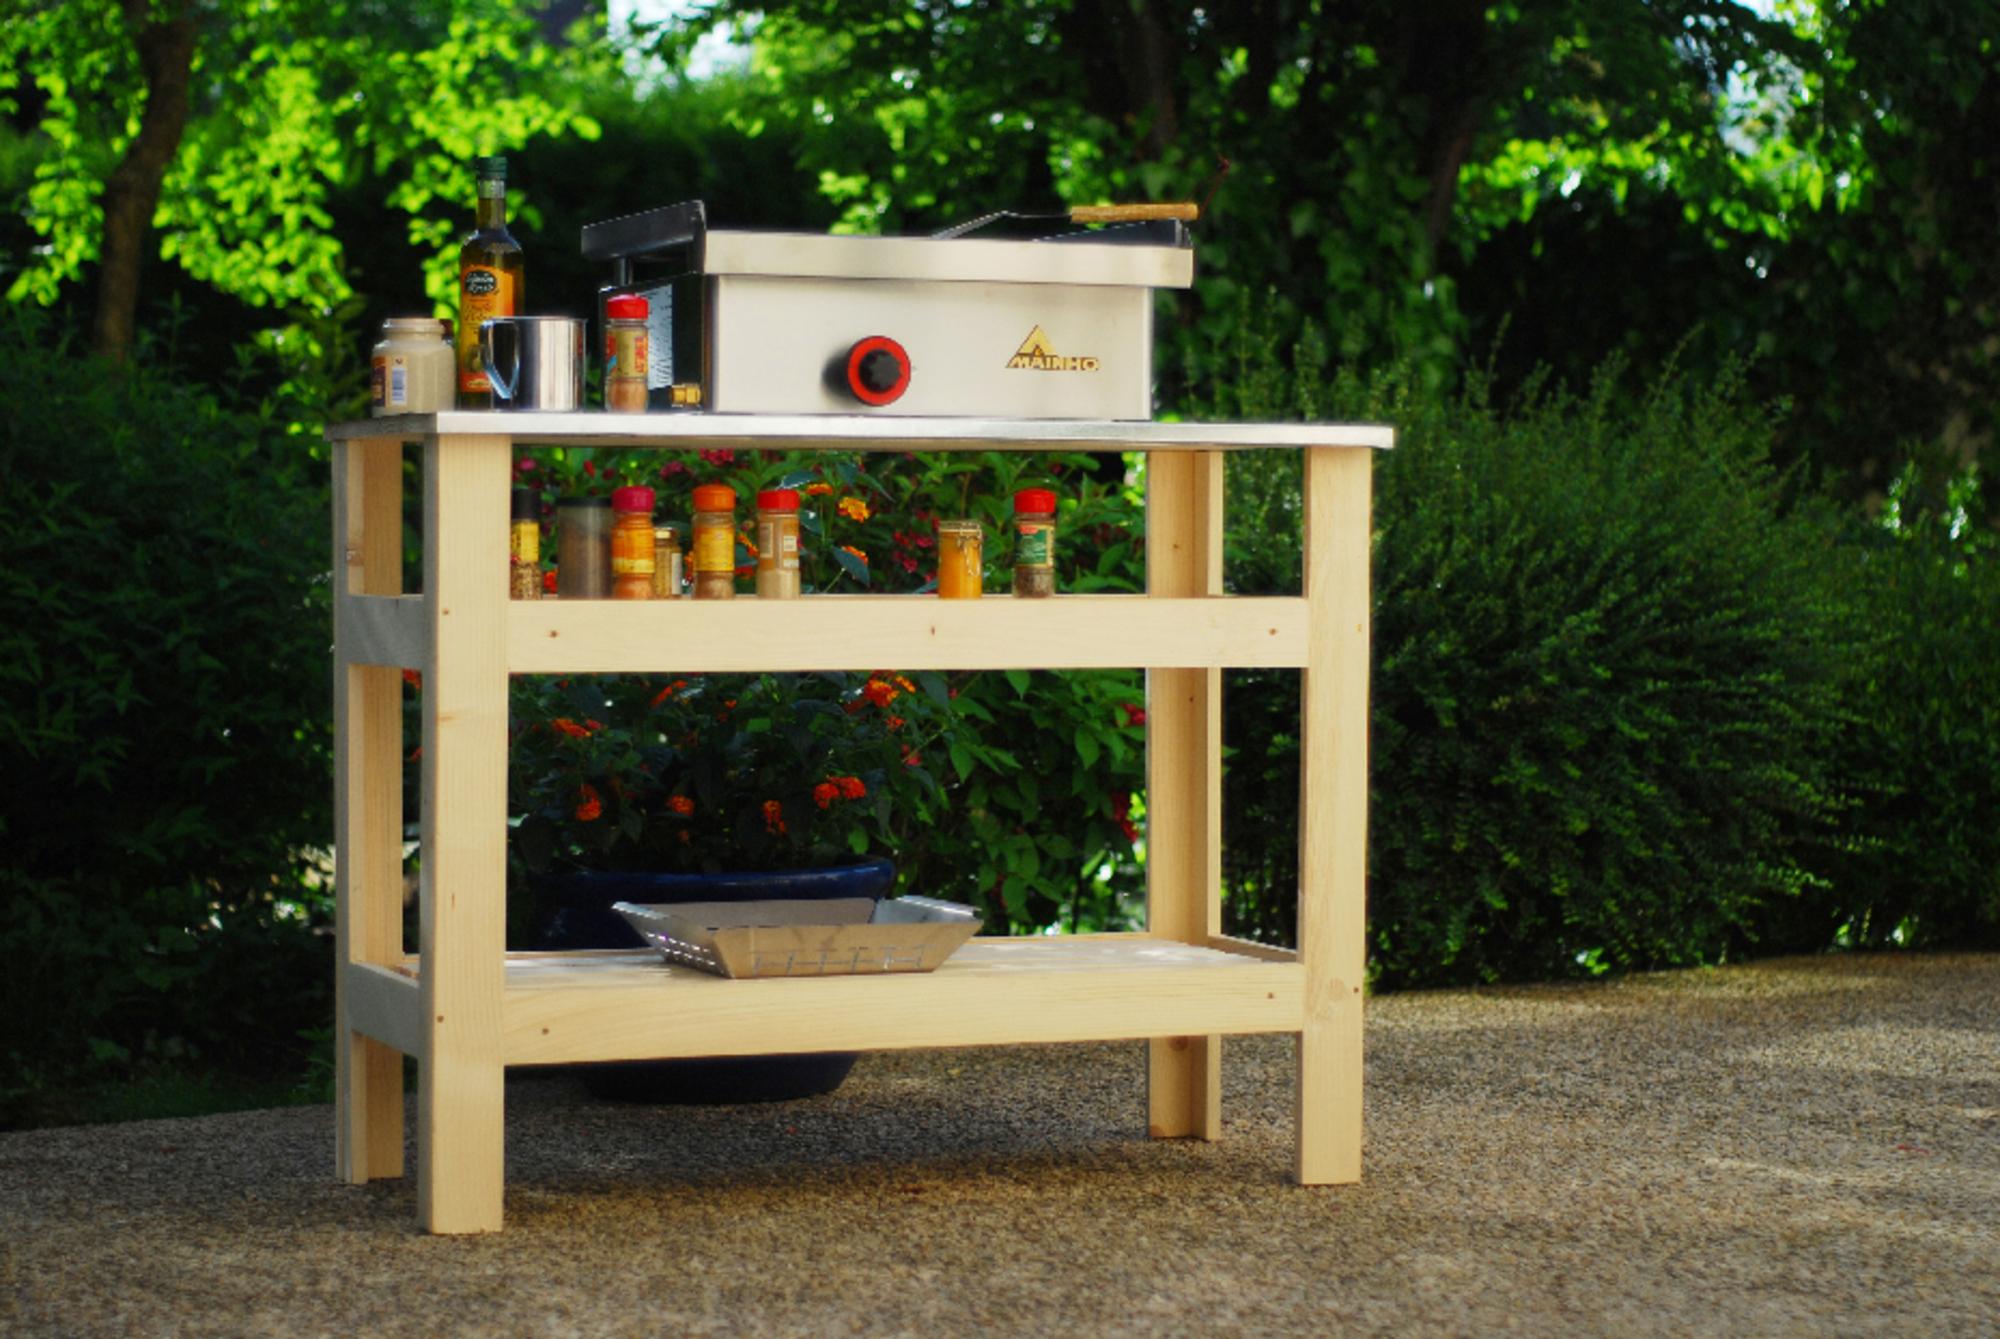 Meuble plancha - Jardins contemporains meubles accessoires ...